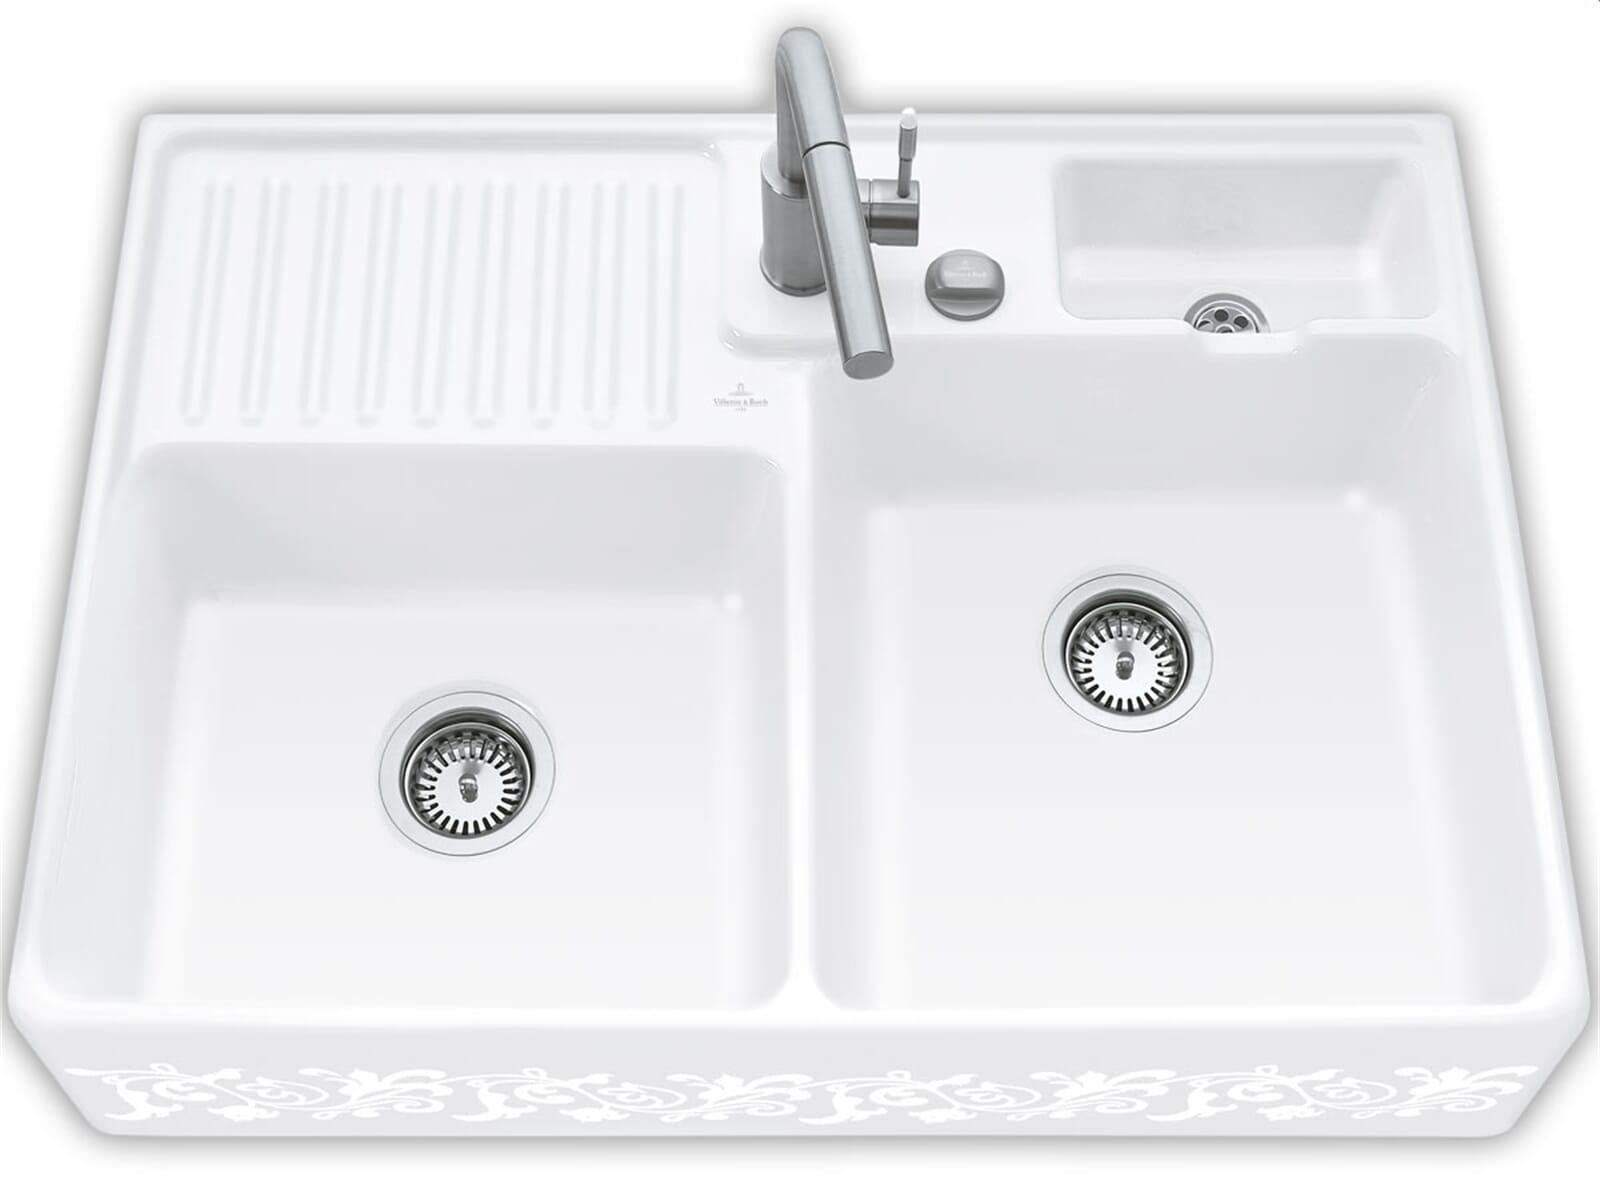 Villeroy & Boch Spülstein Doppelbecken White Pearl - 6323 92 KT Keramikspüle Excenter inkl. Hahnlöcher 1+2